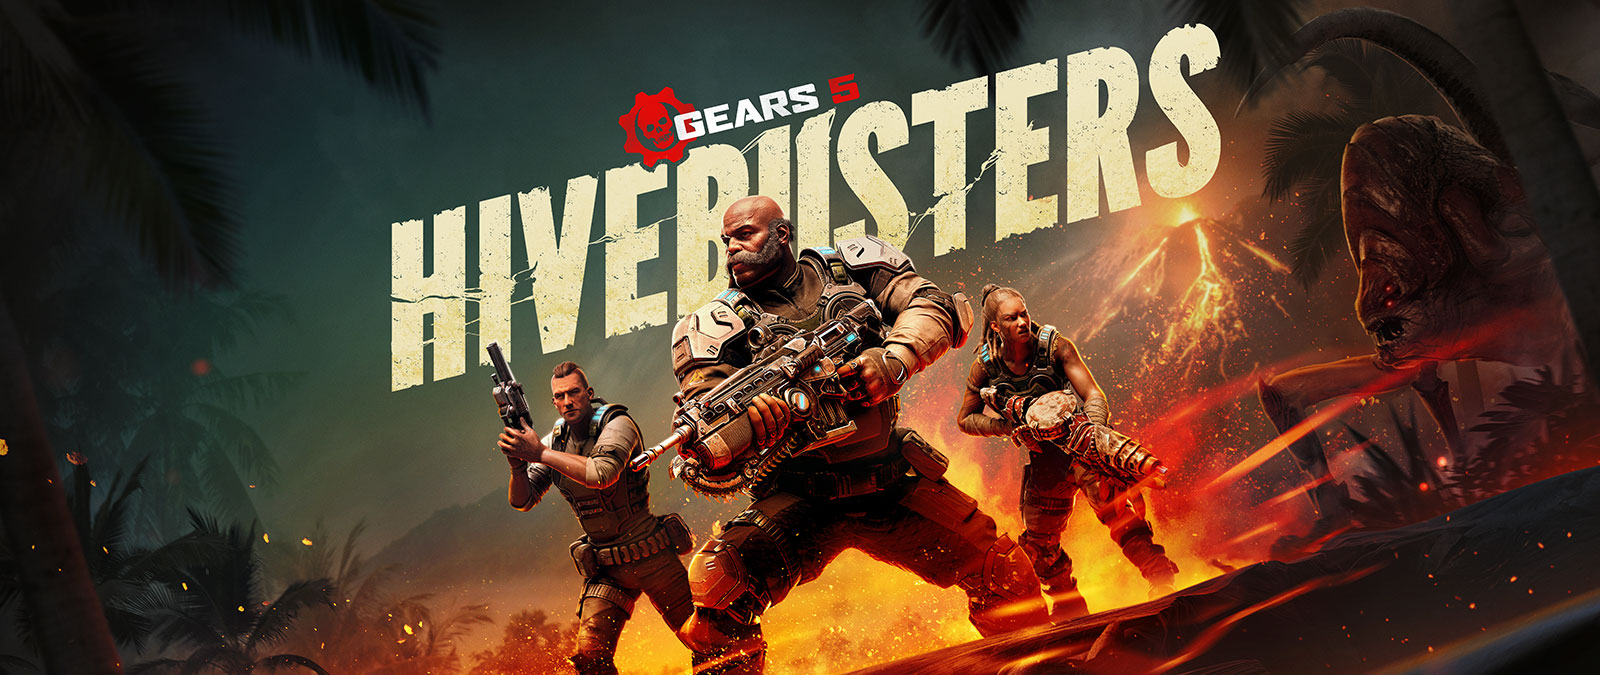 Gears 5: Machacacolmenas, tres personajes de Gears 5 con armas delante de un volcán